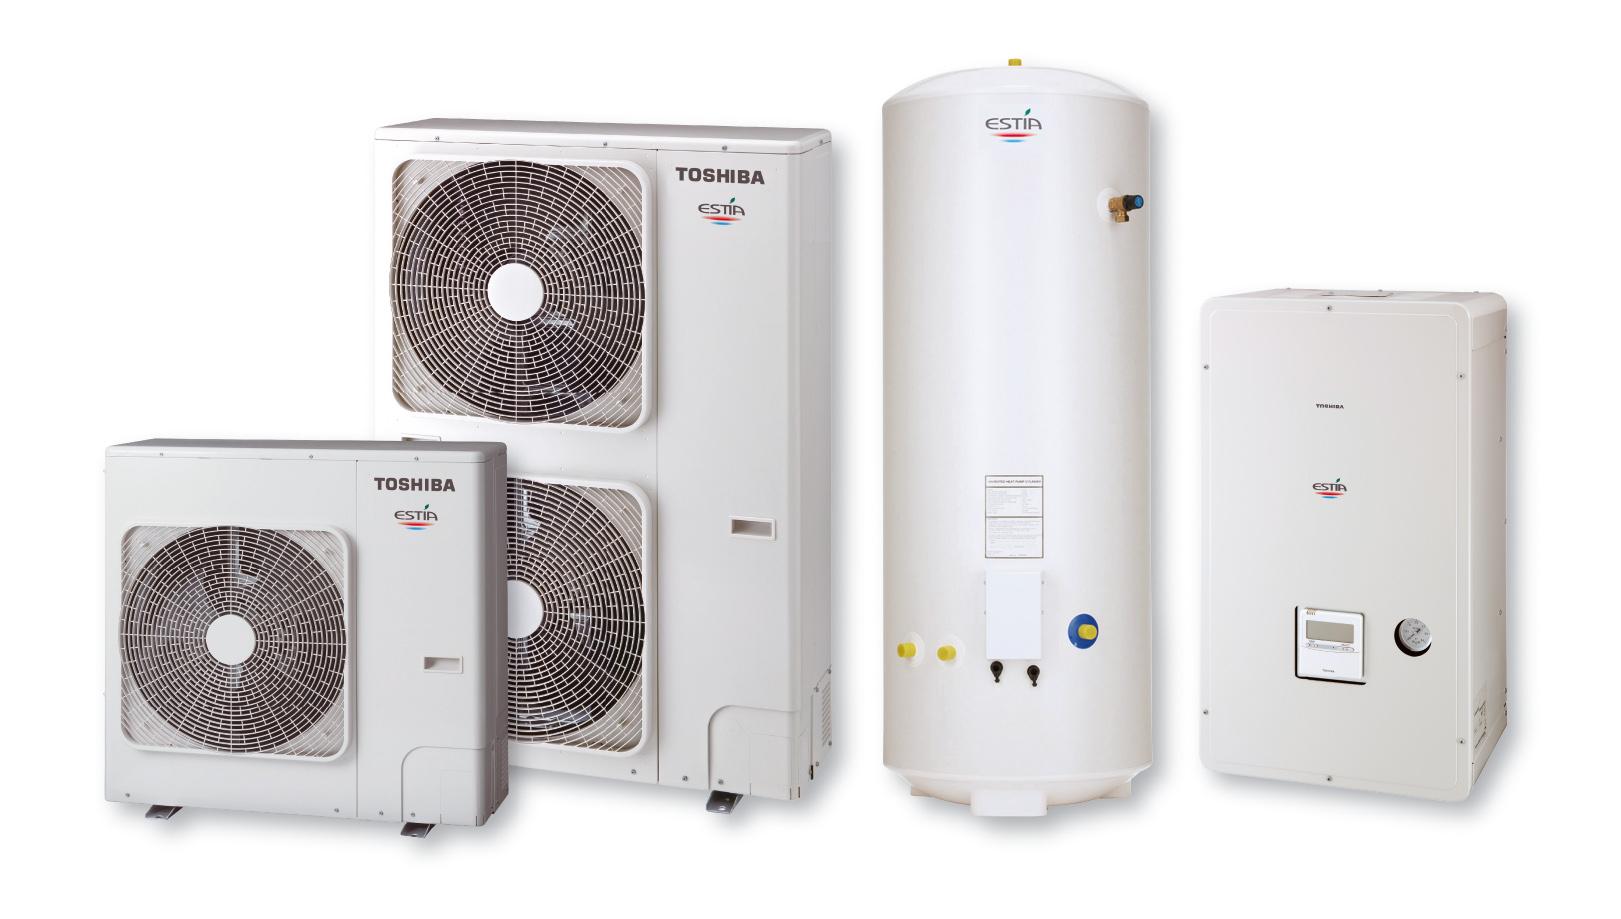 Pompa di calore aria acqua rci riscaldamento for Costo pompa di calore aria acqua